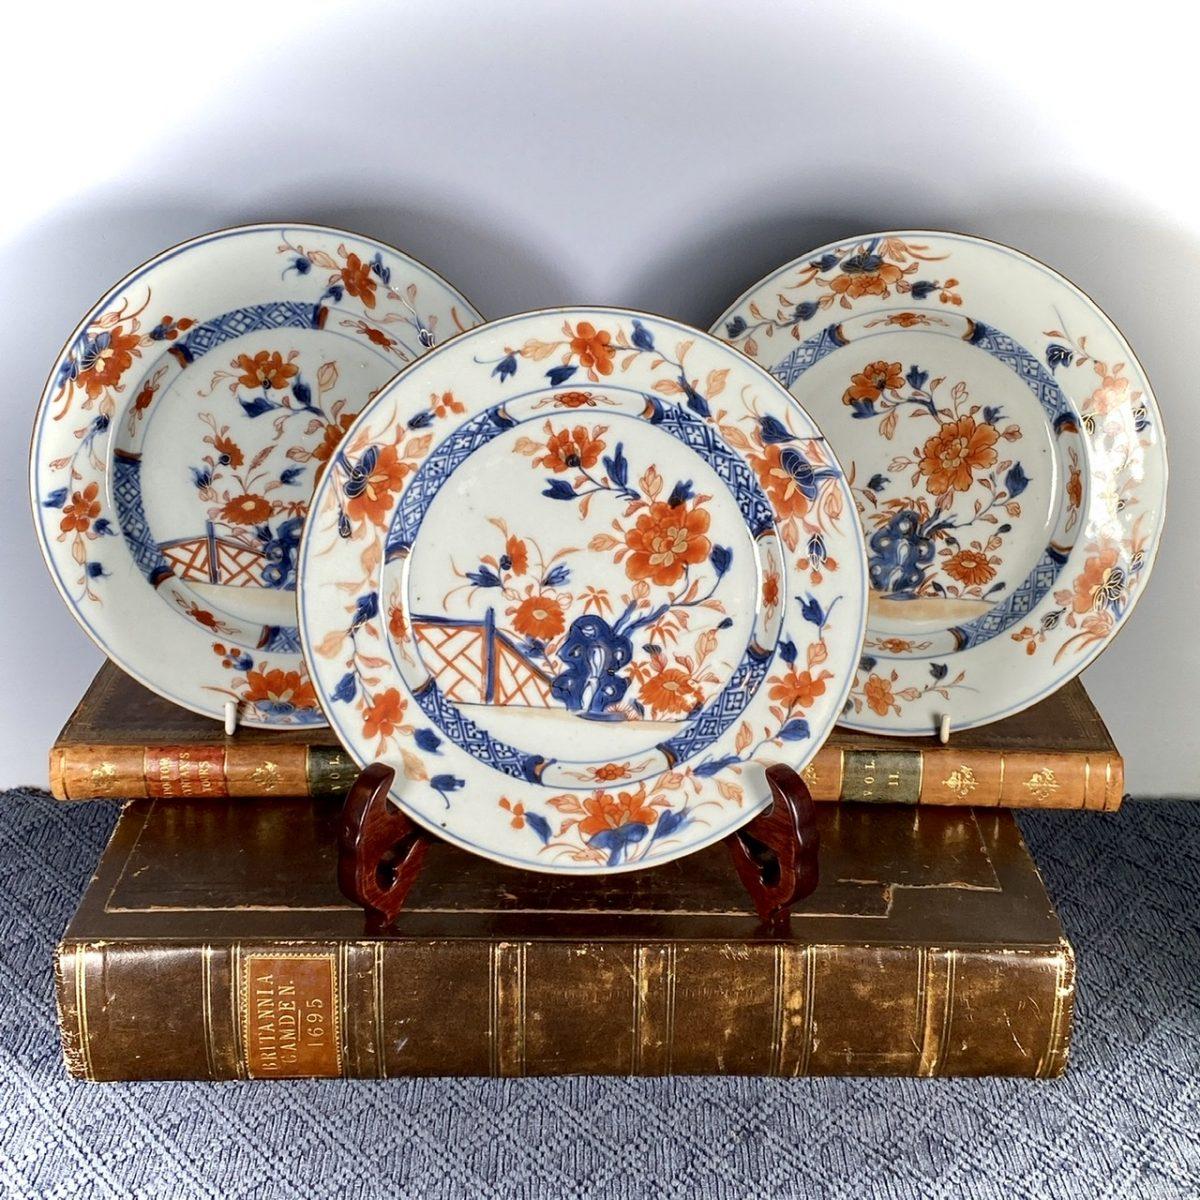 3 C18th Chinese Imari Plates